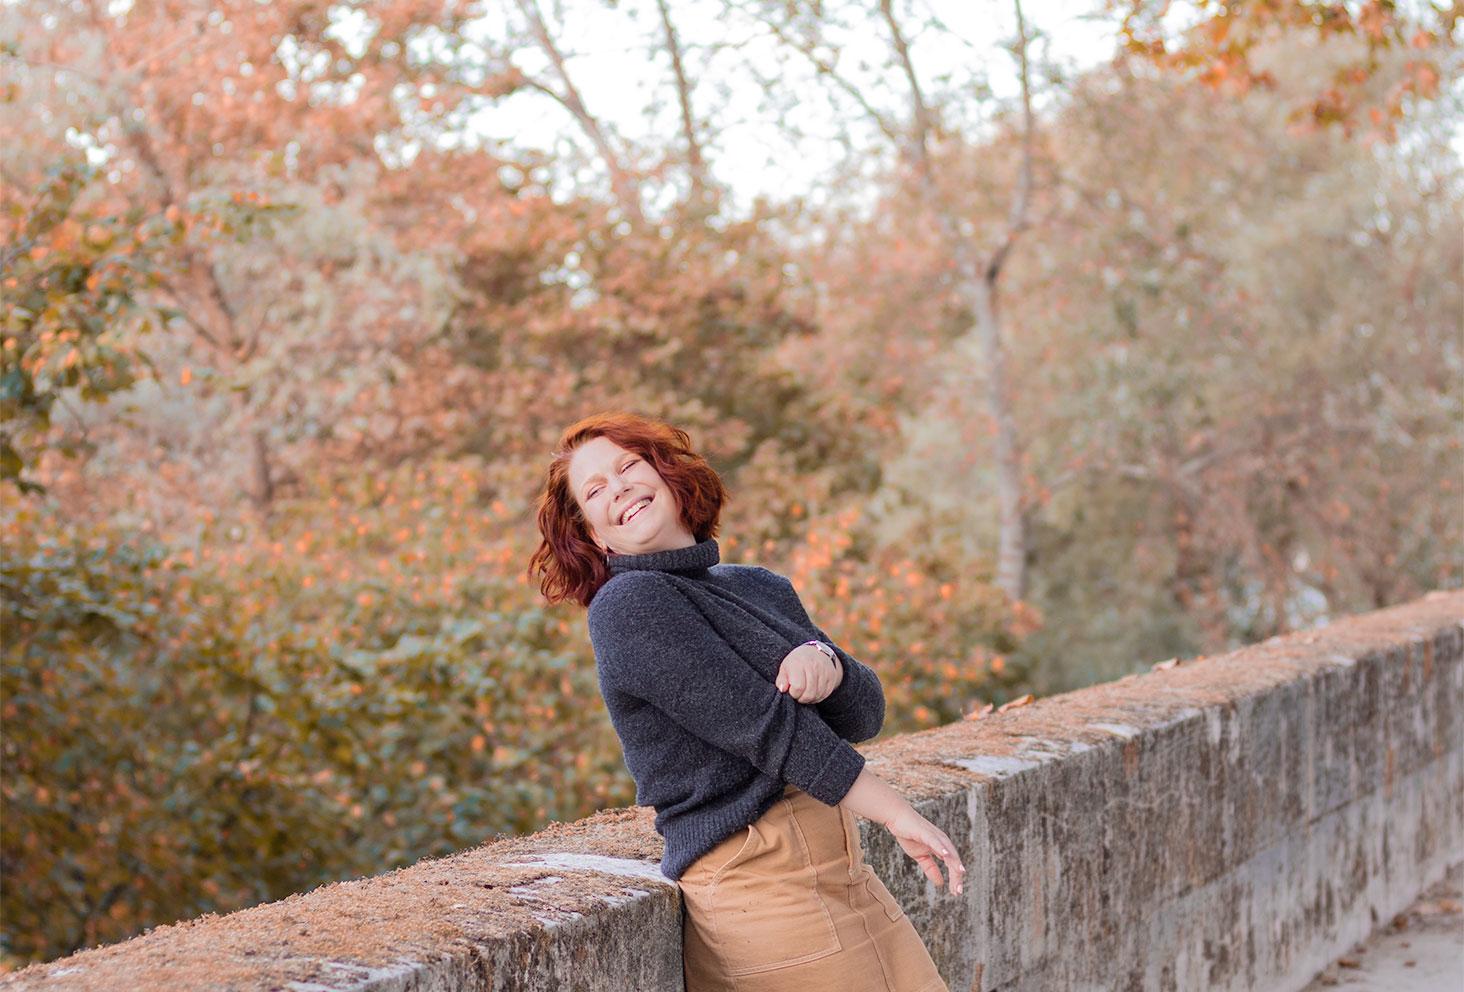 Un look d'automne avec le sourire sur les bords de Loire, en pull col roulé gris et jupe en jean beige, appuyée le long d'un mur